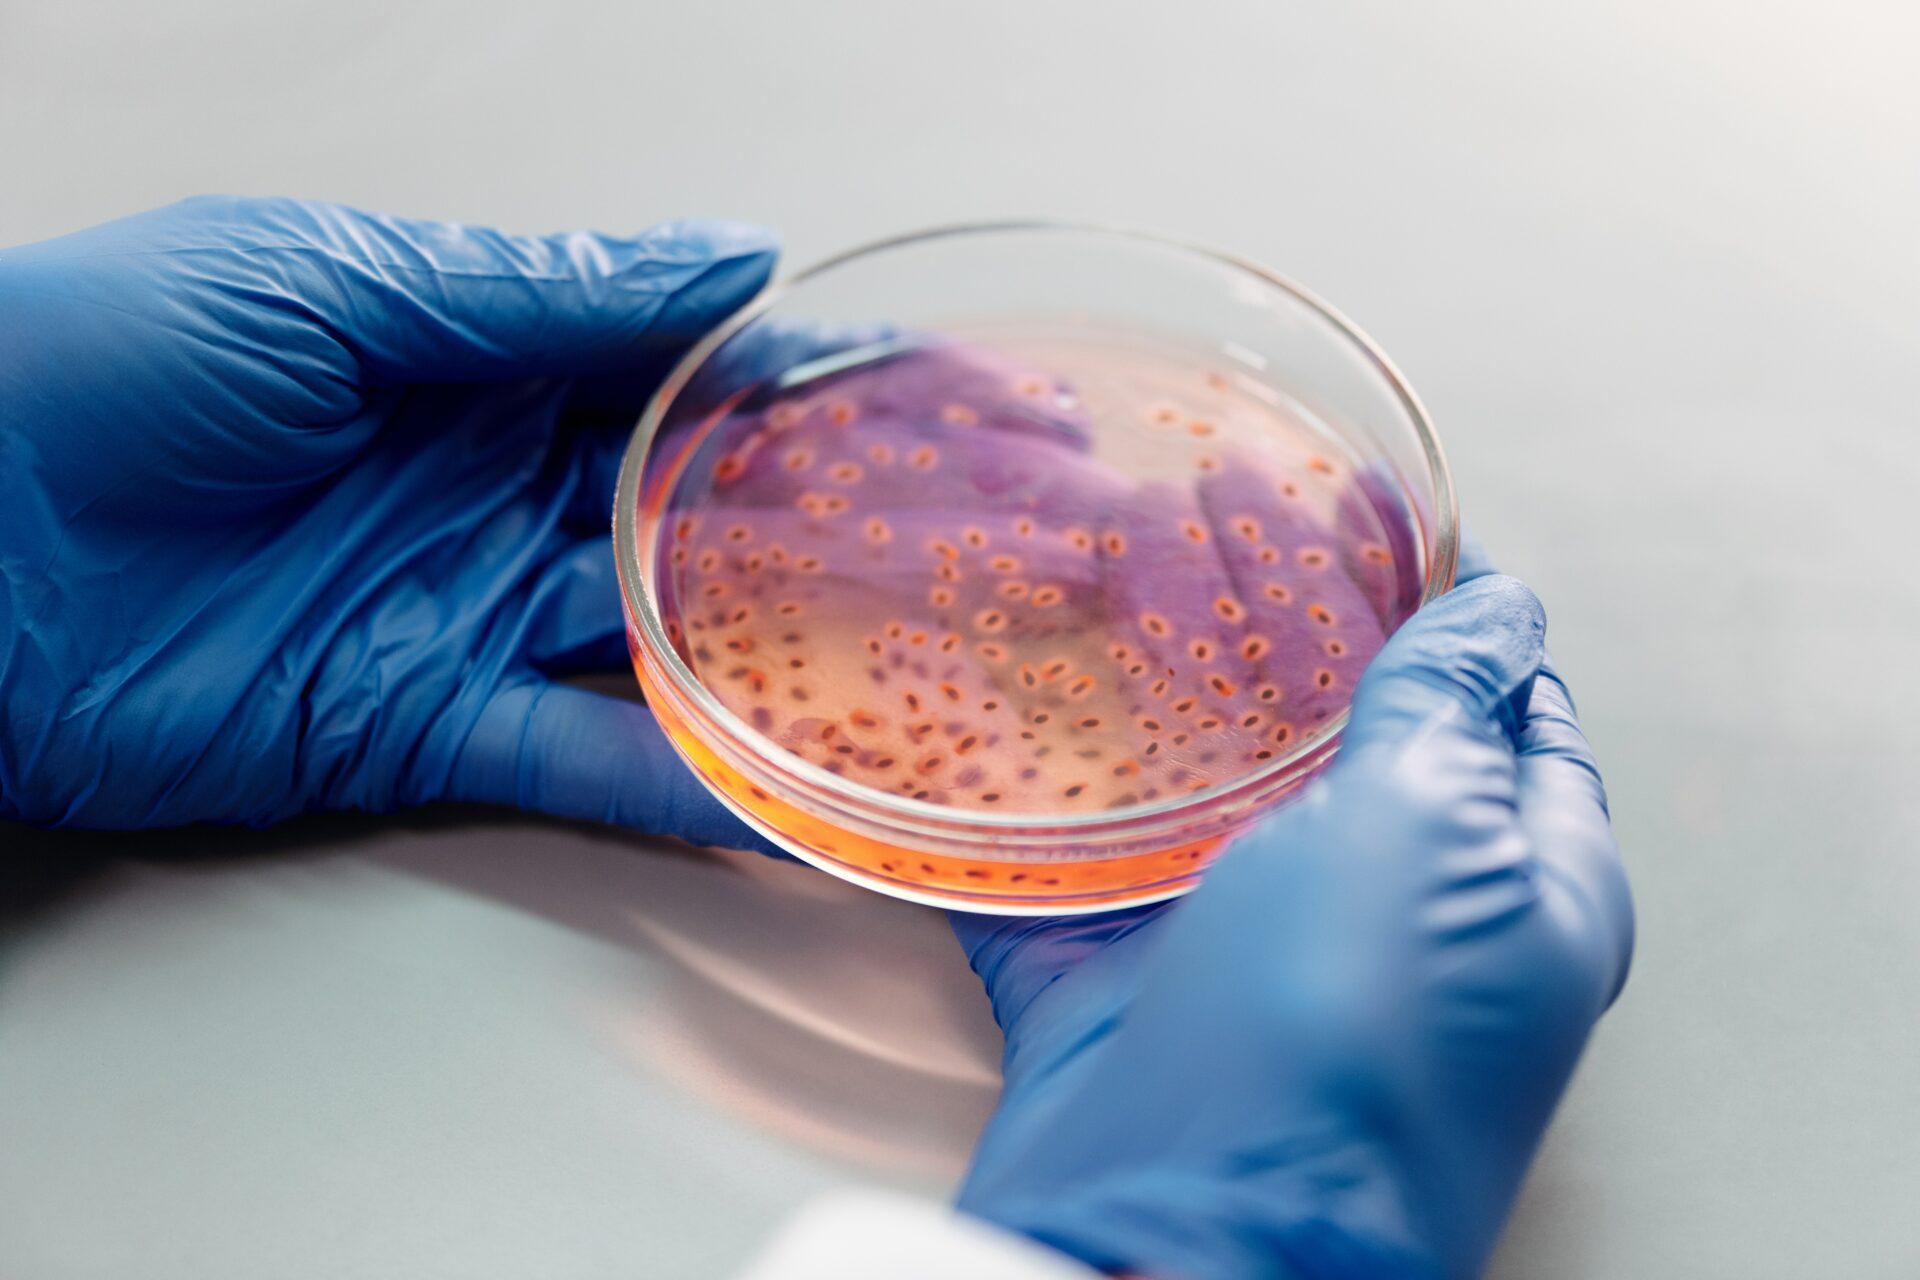 Iceland biotech companies